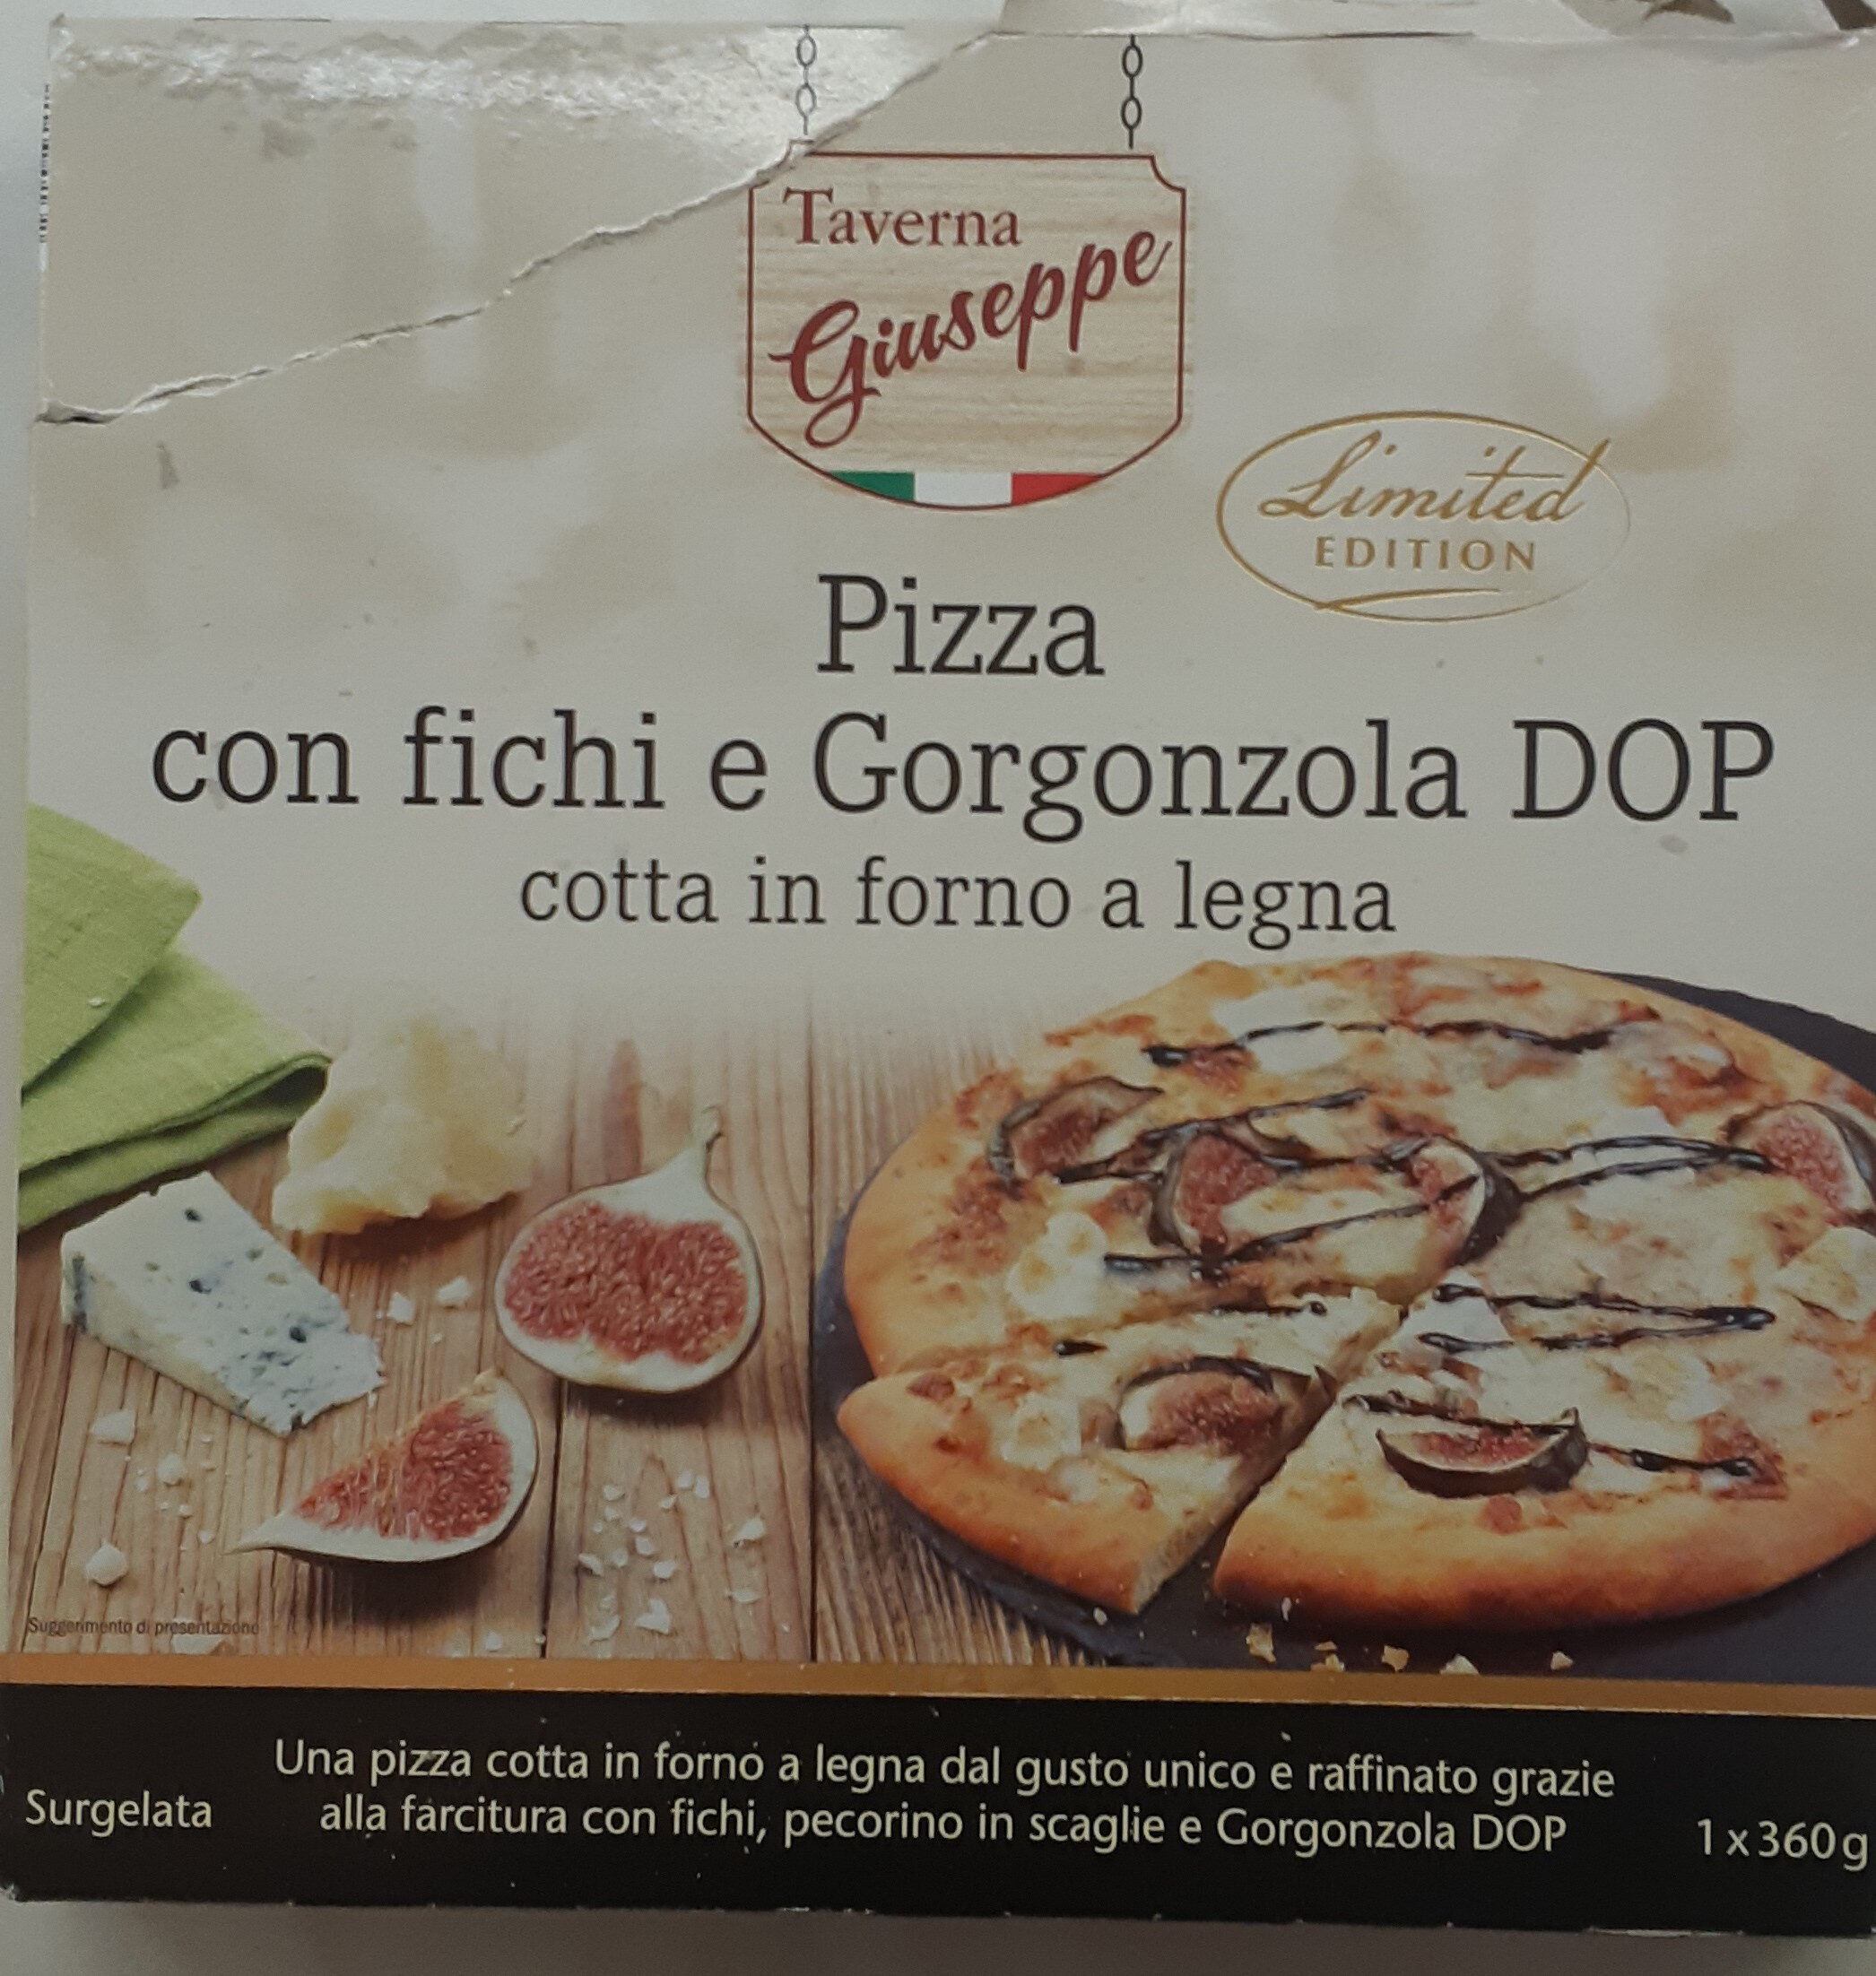 pizza con fichi e gorgonzola - Product